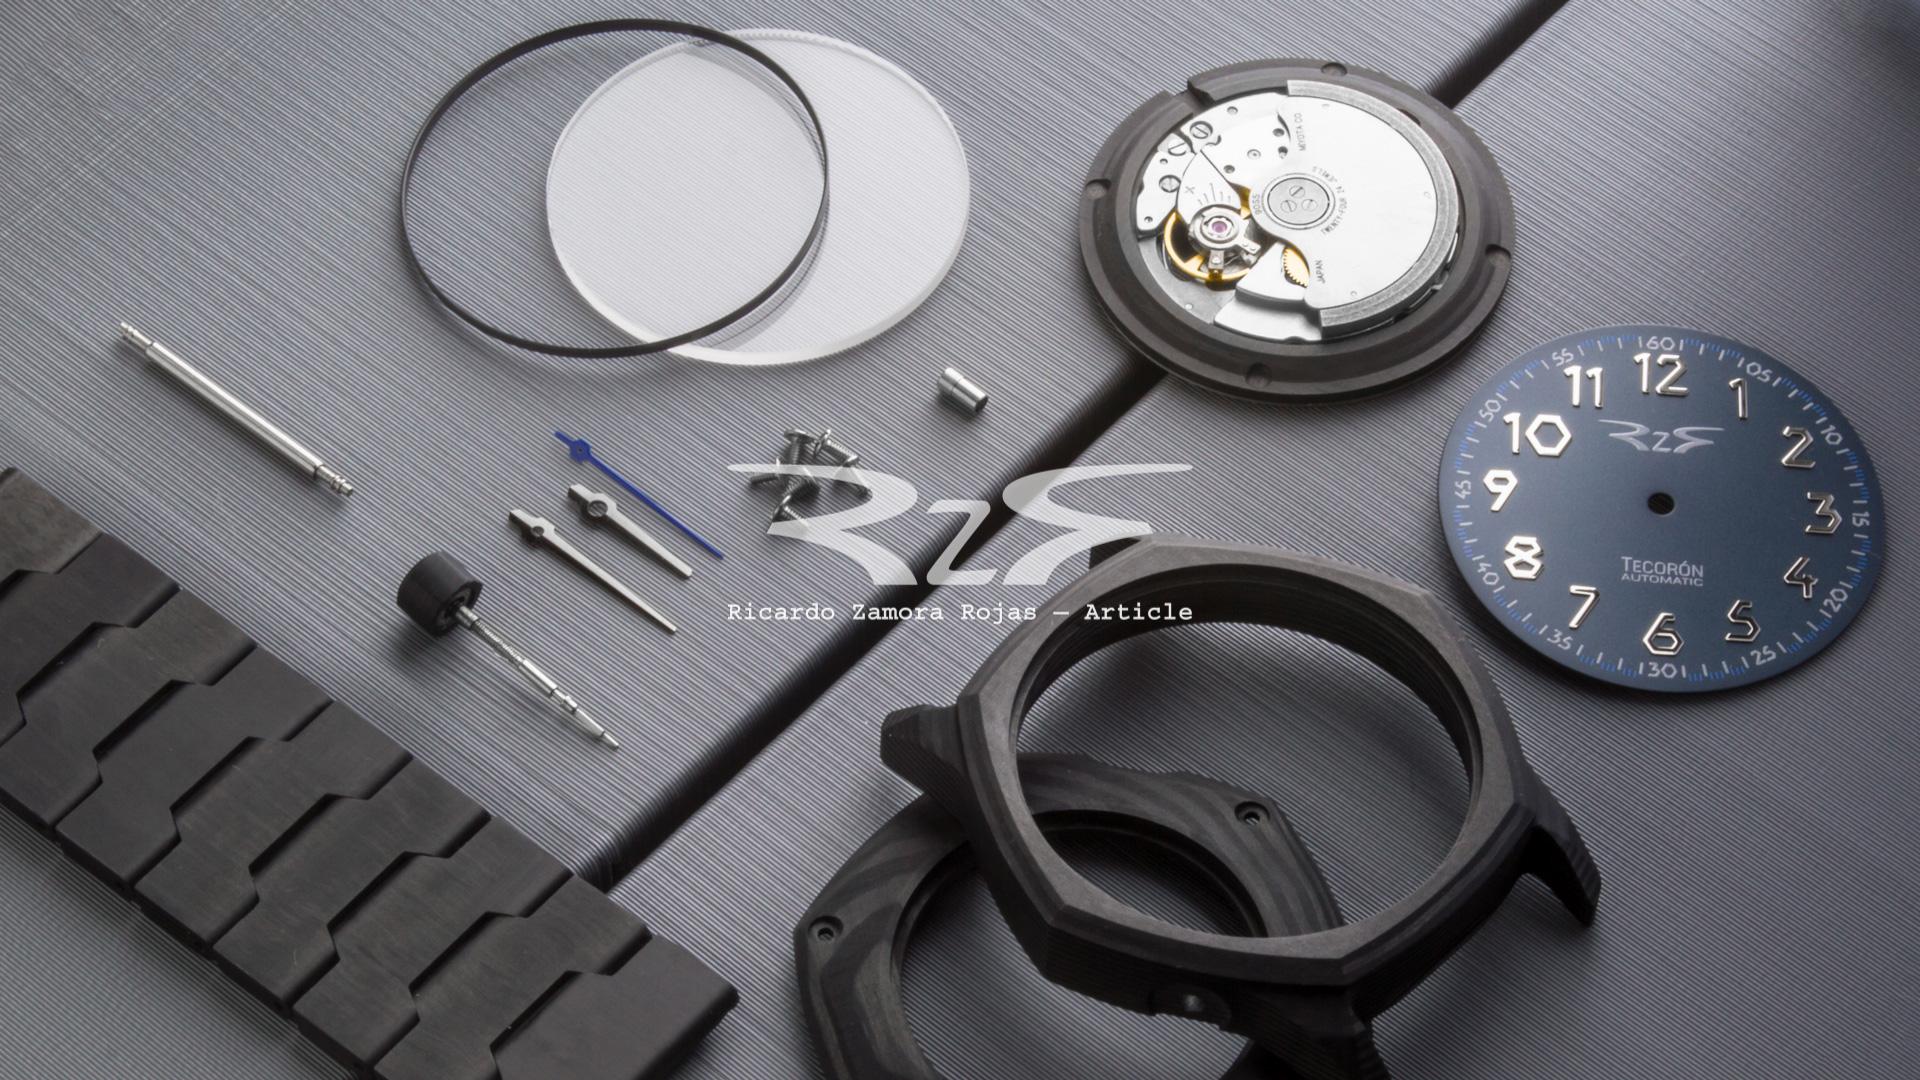 Carbon fiber RzR watch article